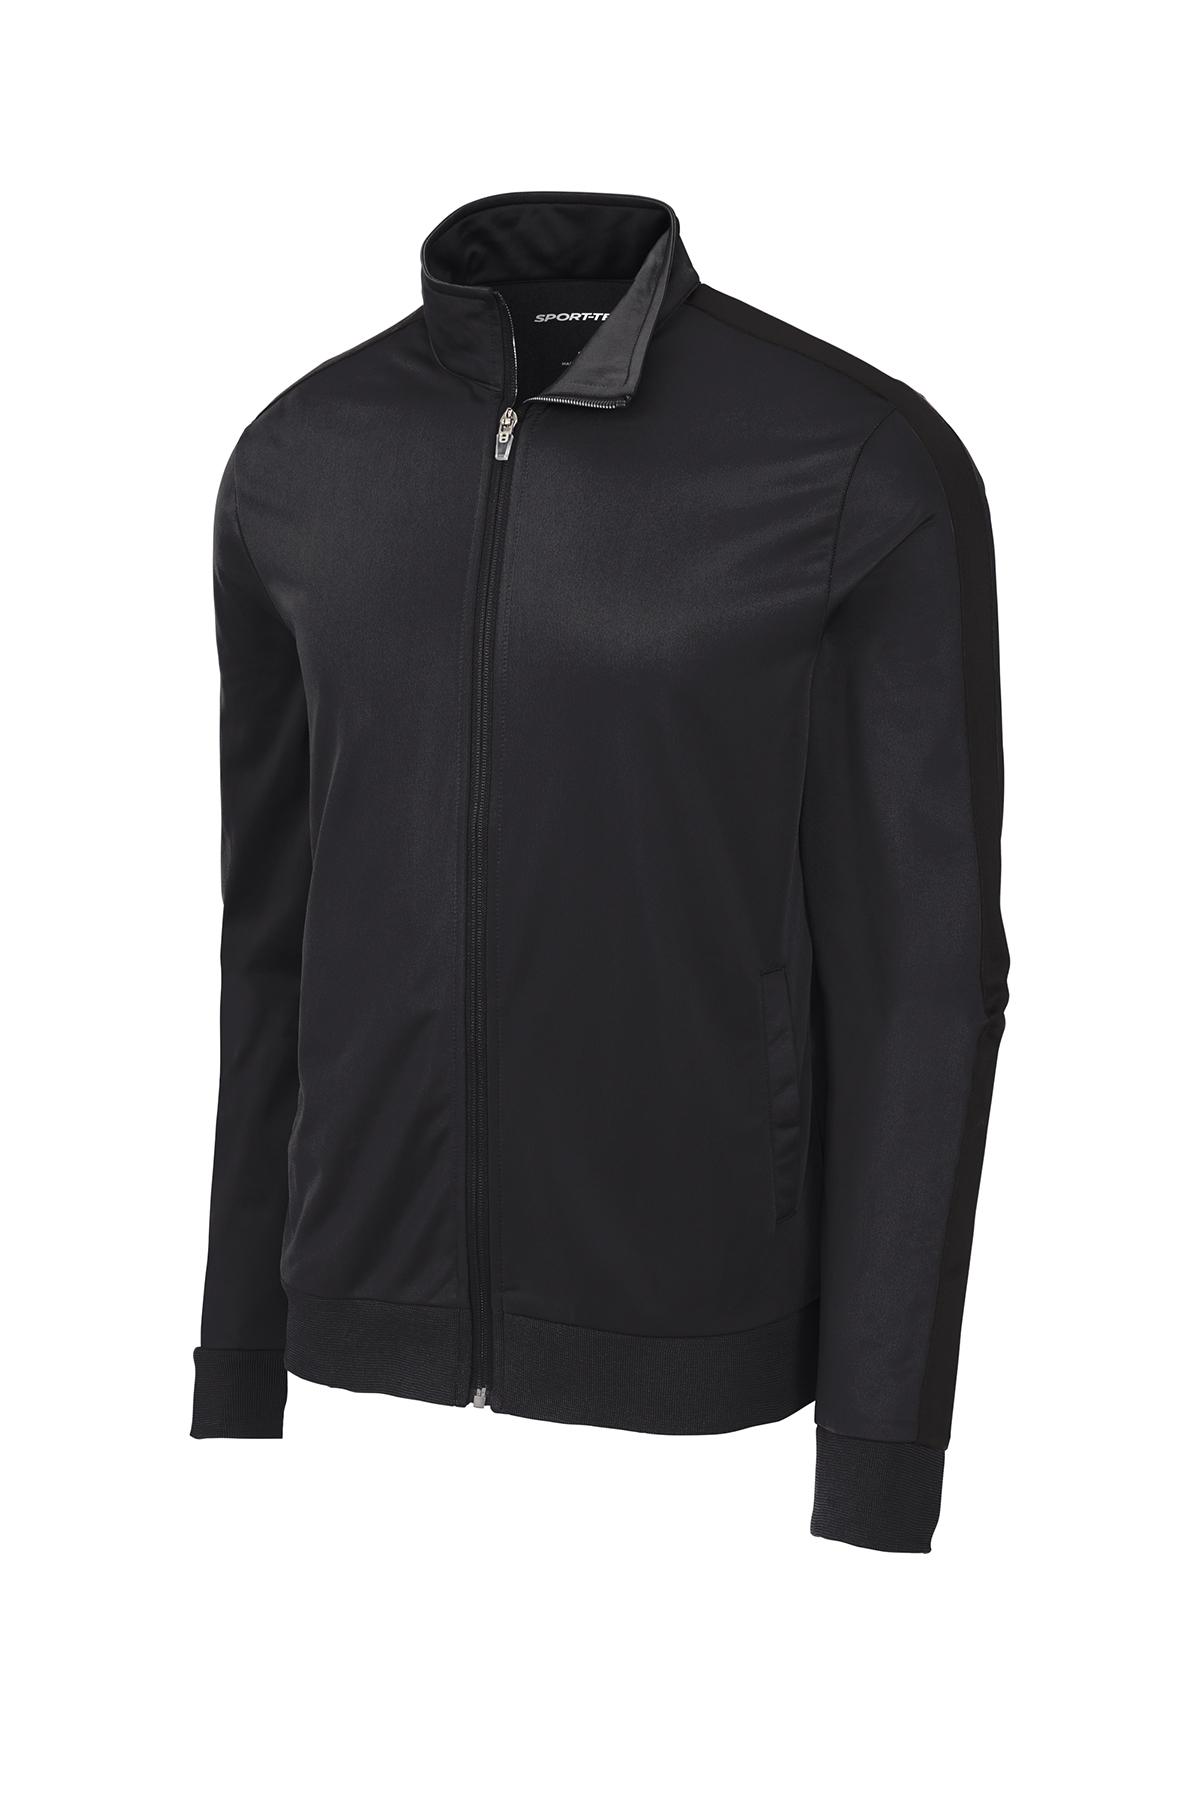 Sport-Tek JST94 - Tricot Track Jacket